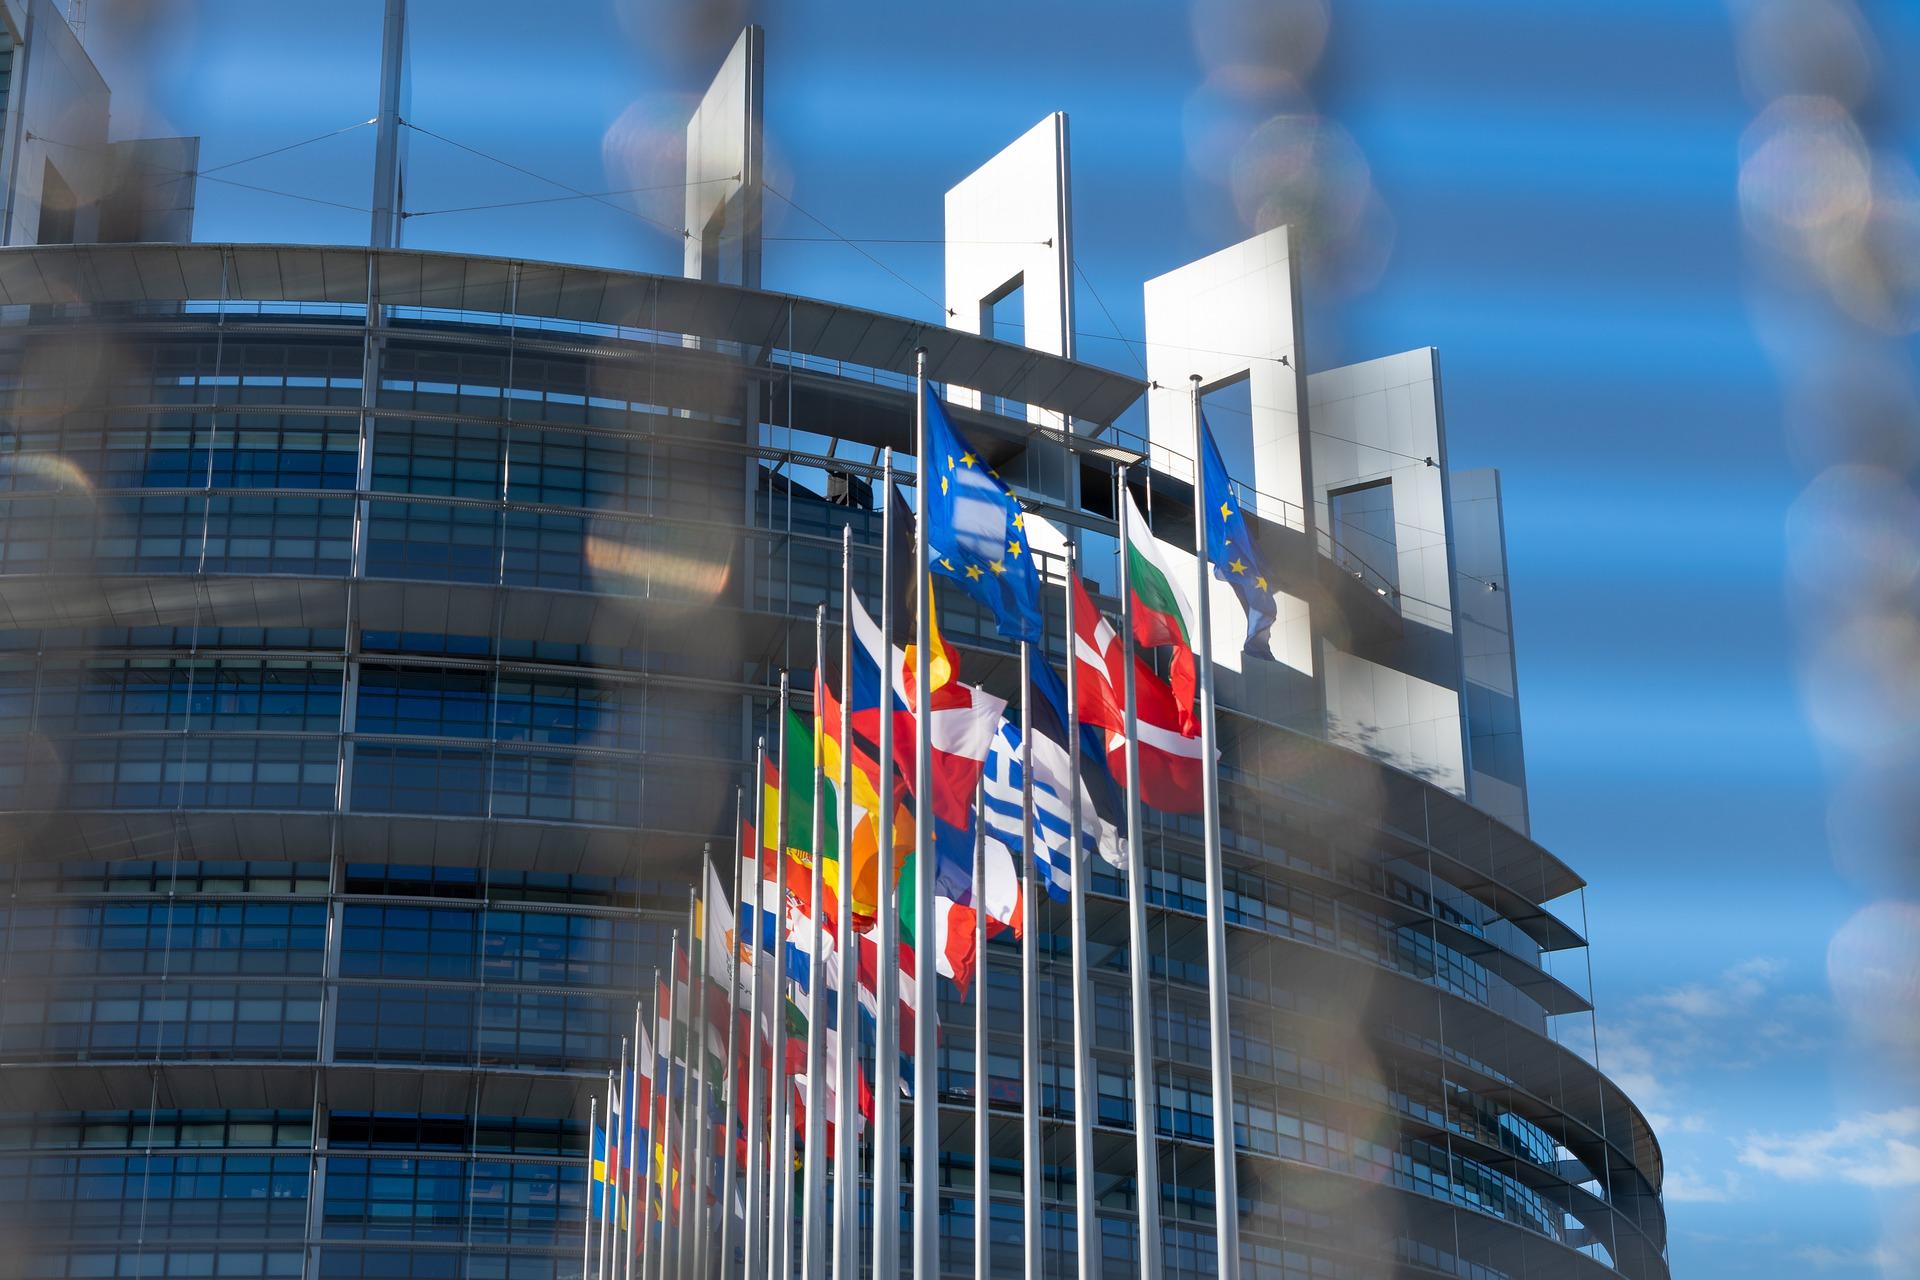 ヨーロッパ国旗